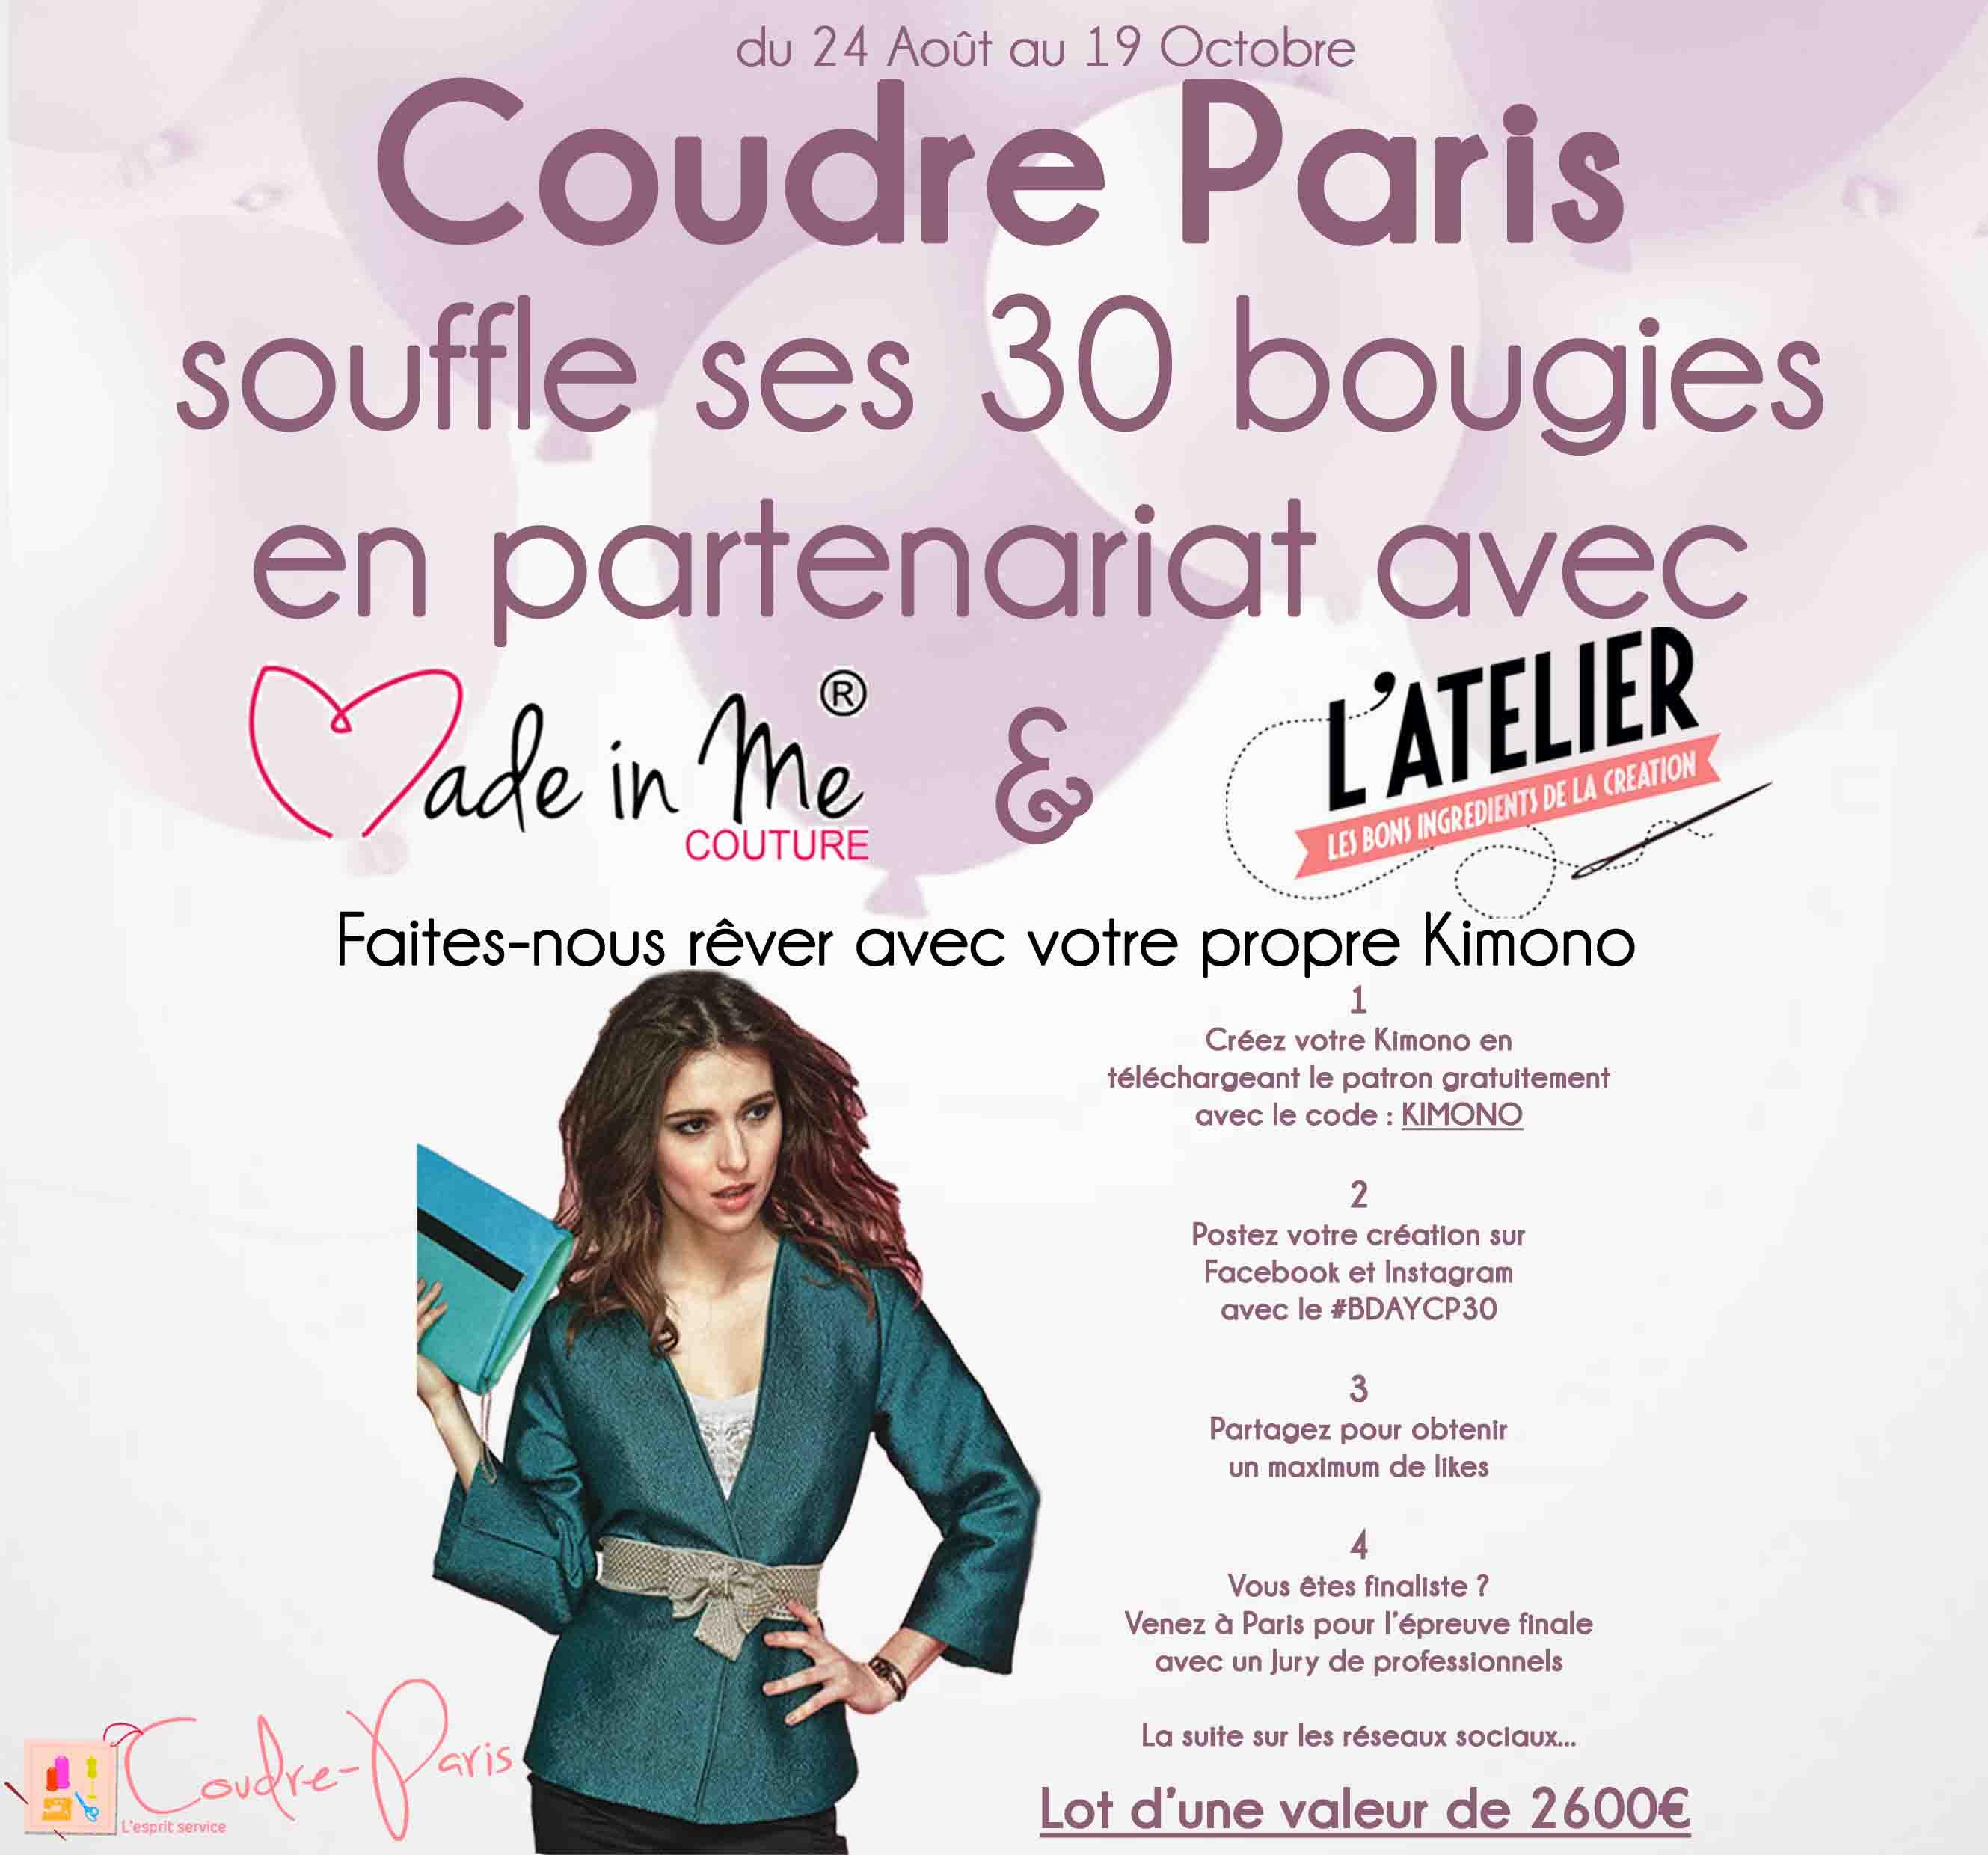 Jeu Concours Coudre Paris